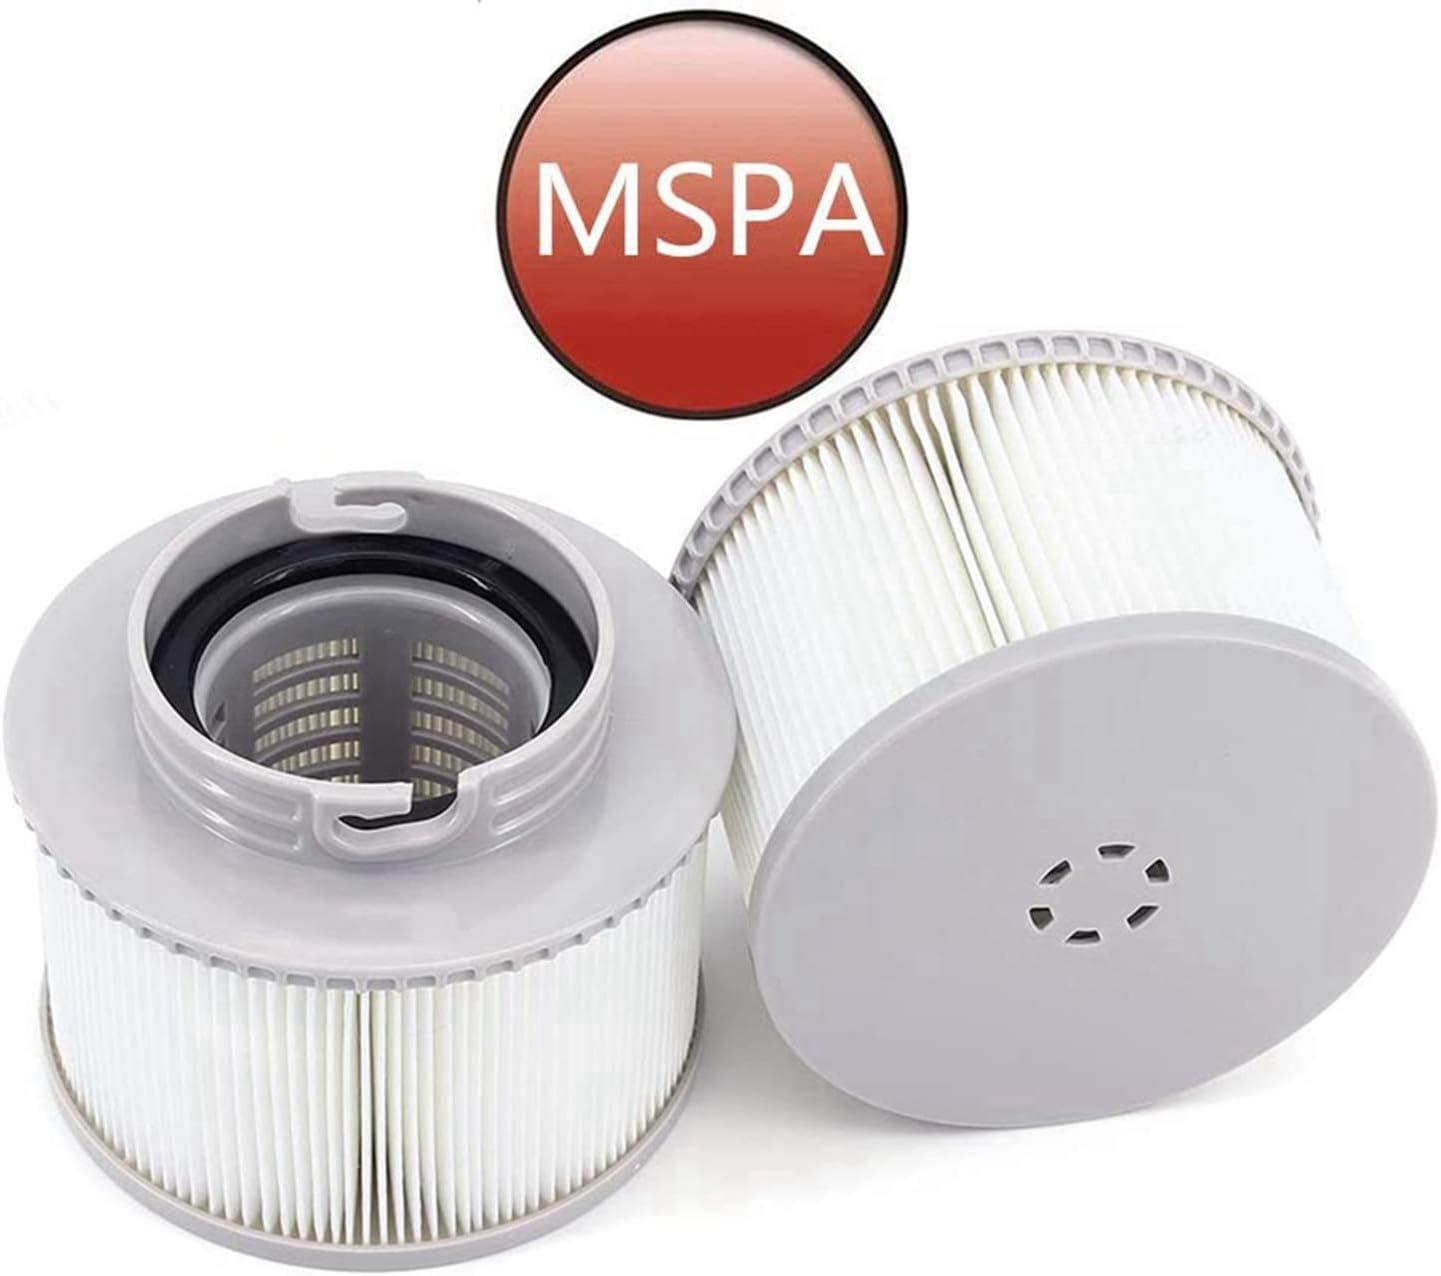 Bduck Lot de 4 filtres MSPA pour tous les mod/èles de spas de piscine 2 pi/èces spas bac gonflable cartouches filtrantes de rechange pour MSPA maintien propre